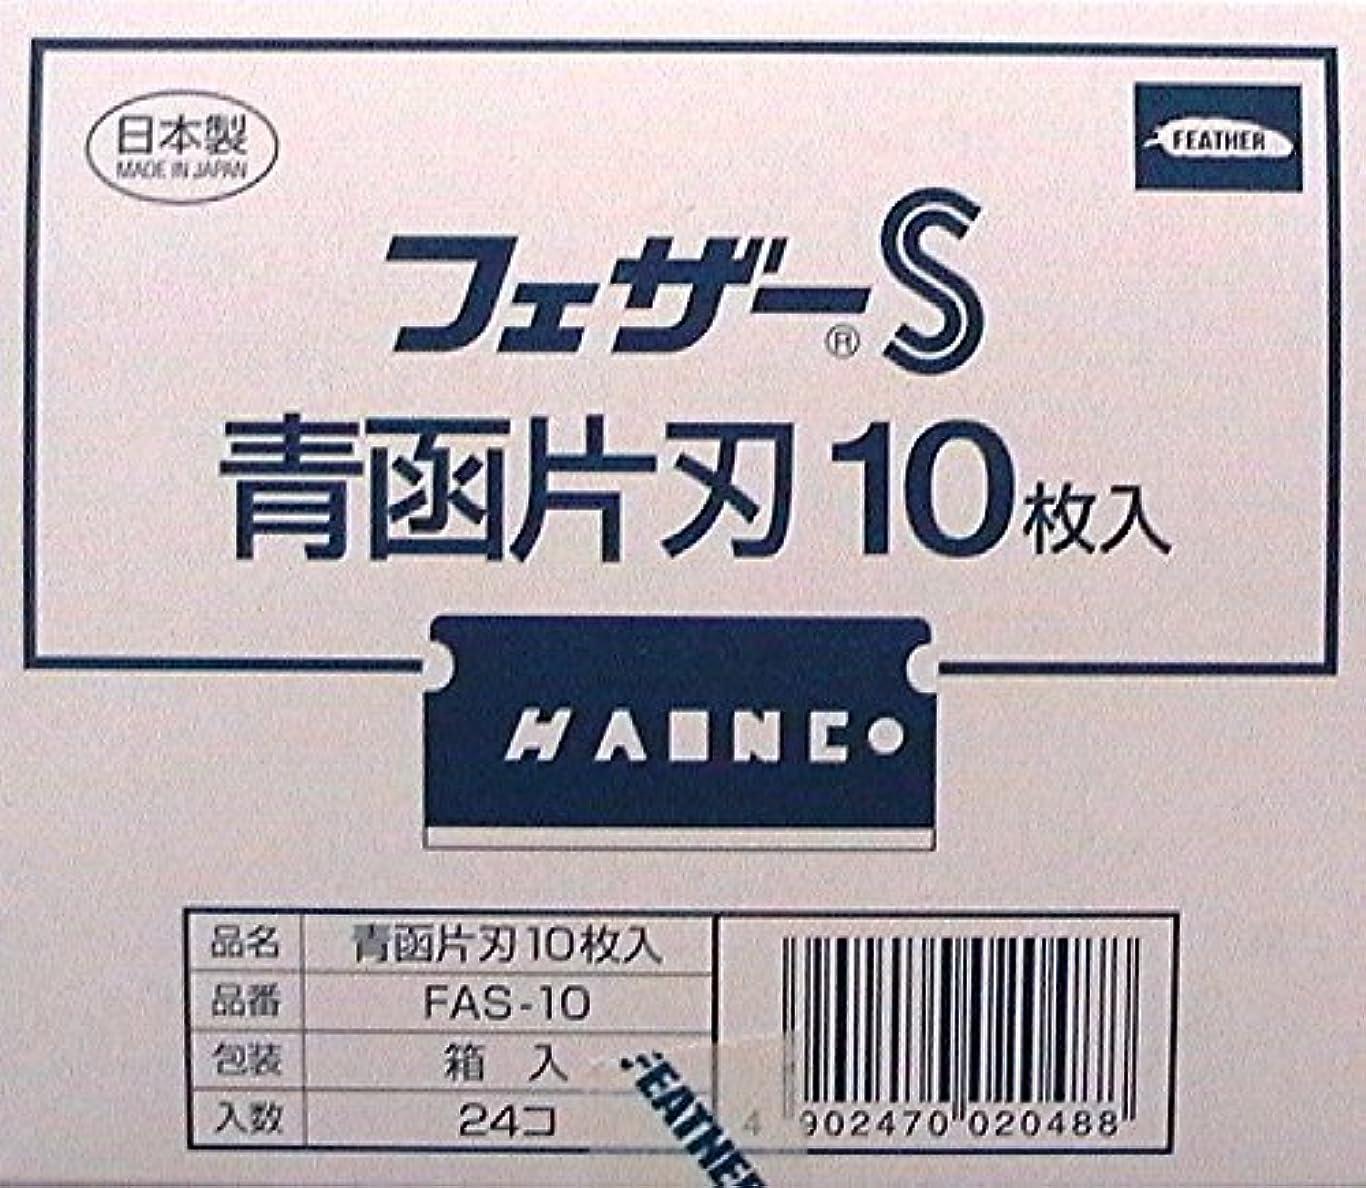 人に関する限り期待する診断するフェザーS 青函片刃 FAS-10箱入り10枚入り×24箱(240枚入り)